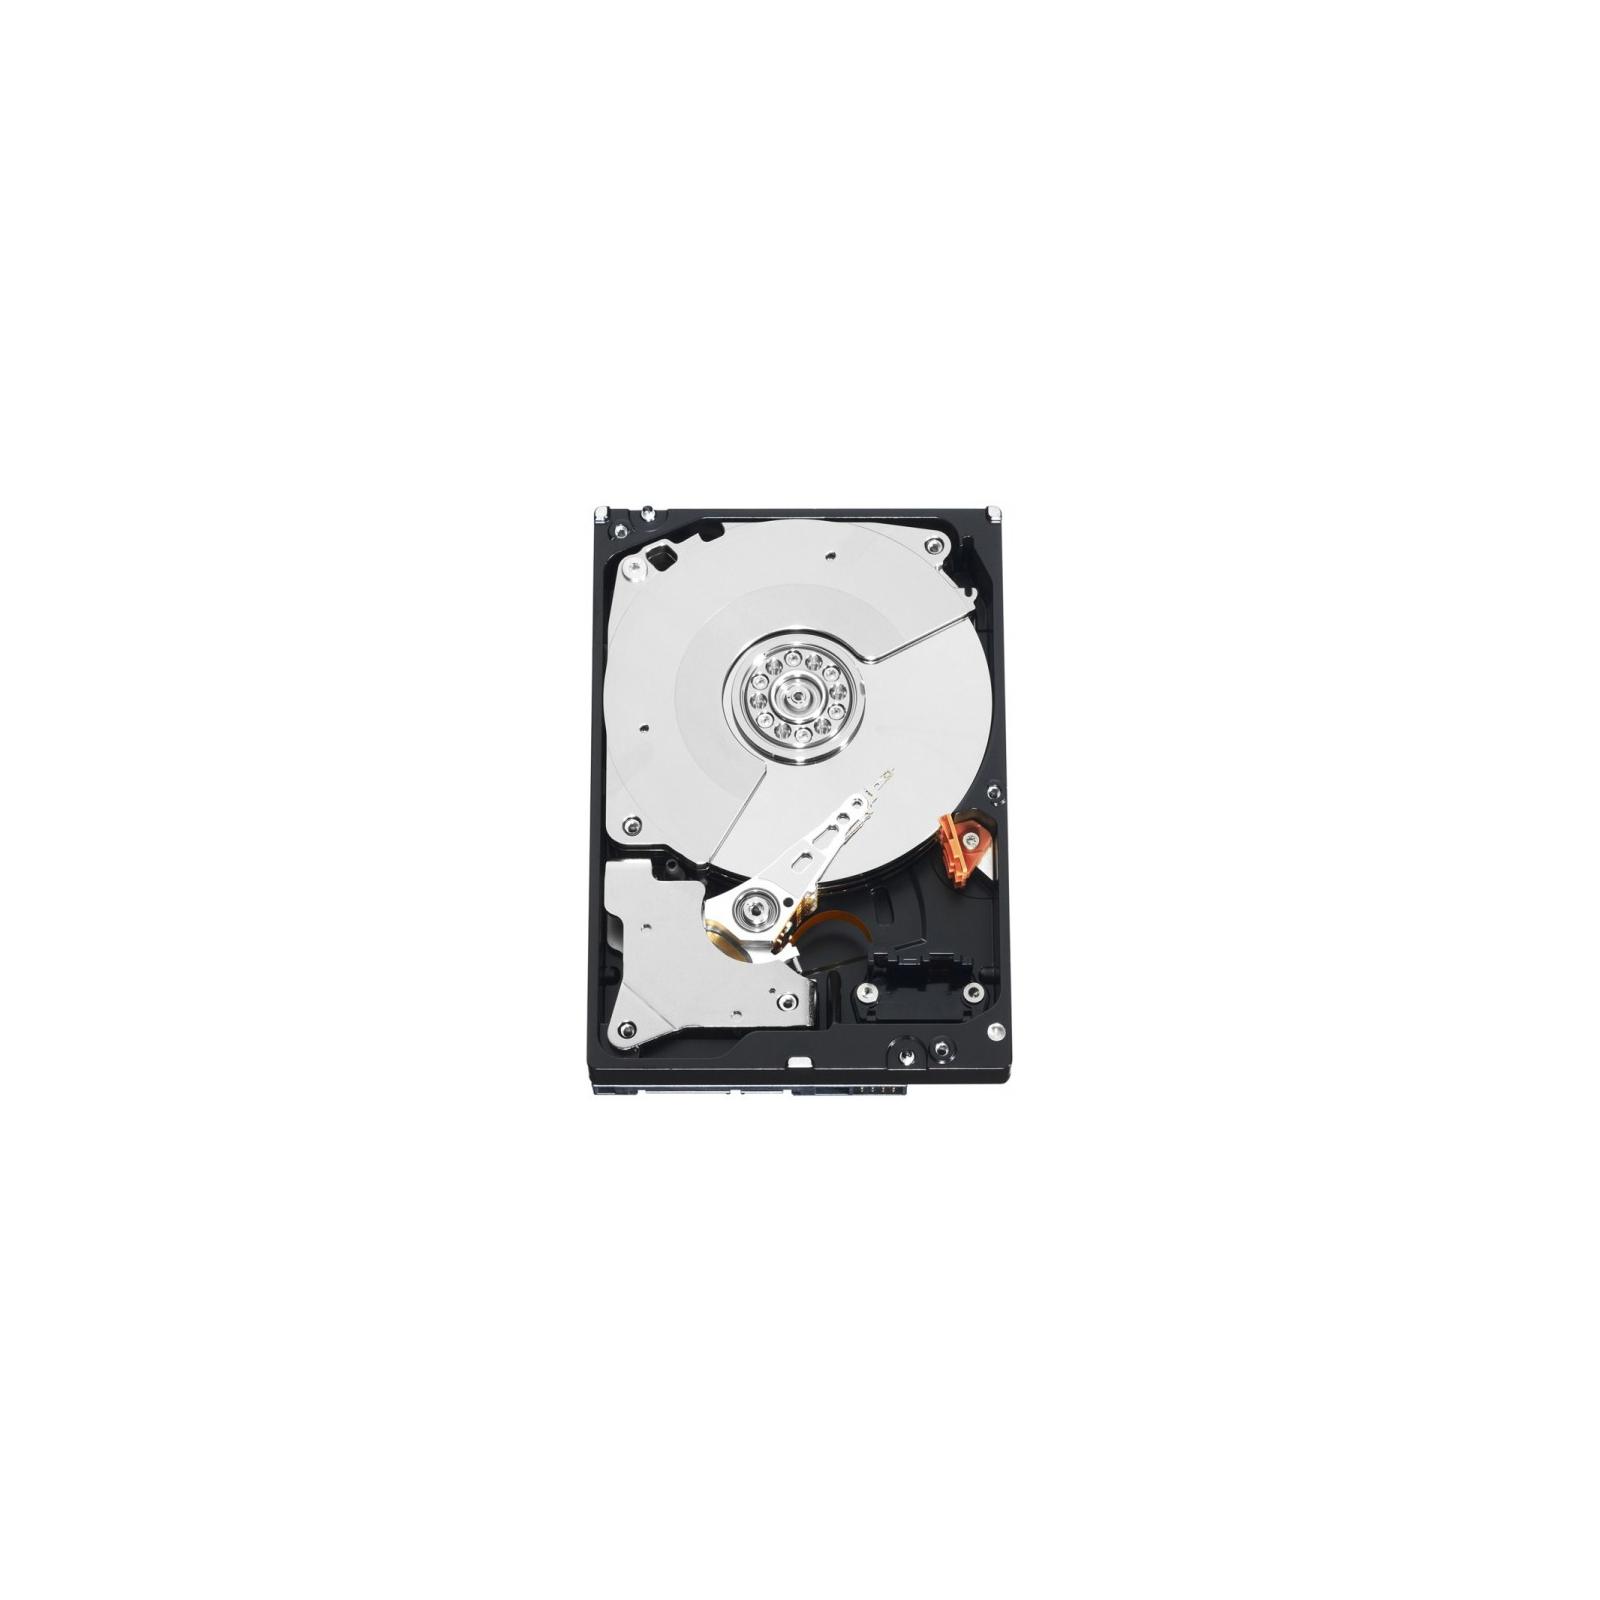 """Жесткий диск 3.5"""" 2TB Western Digital (WD2003FZEX) изображение 2"""